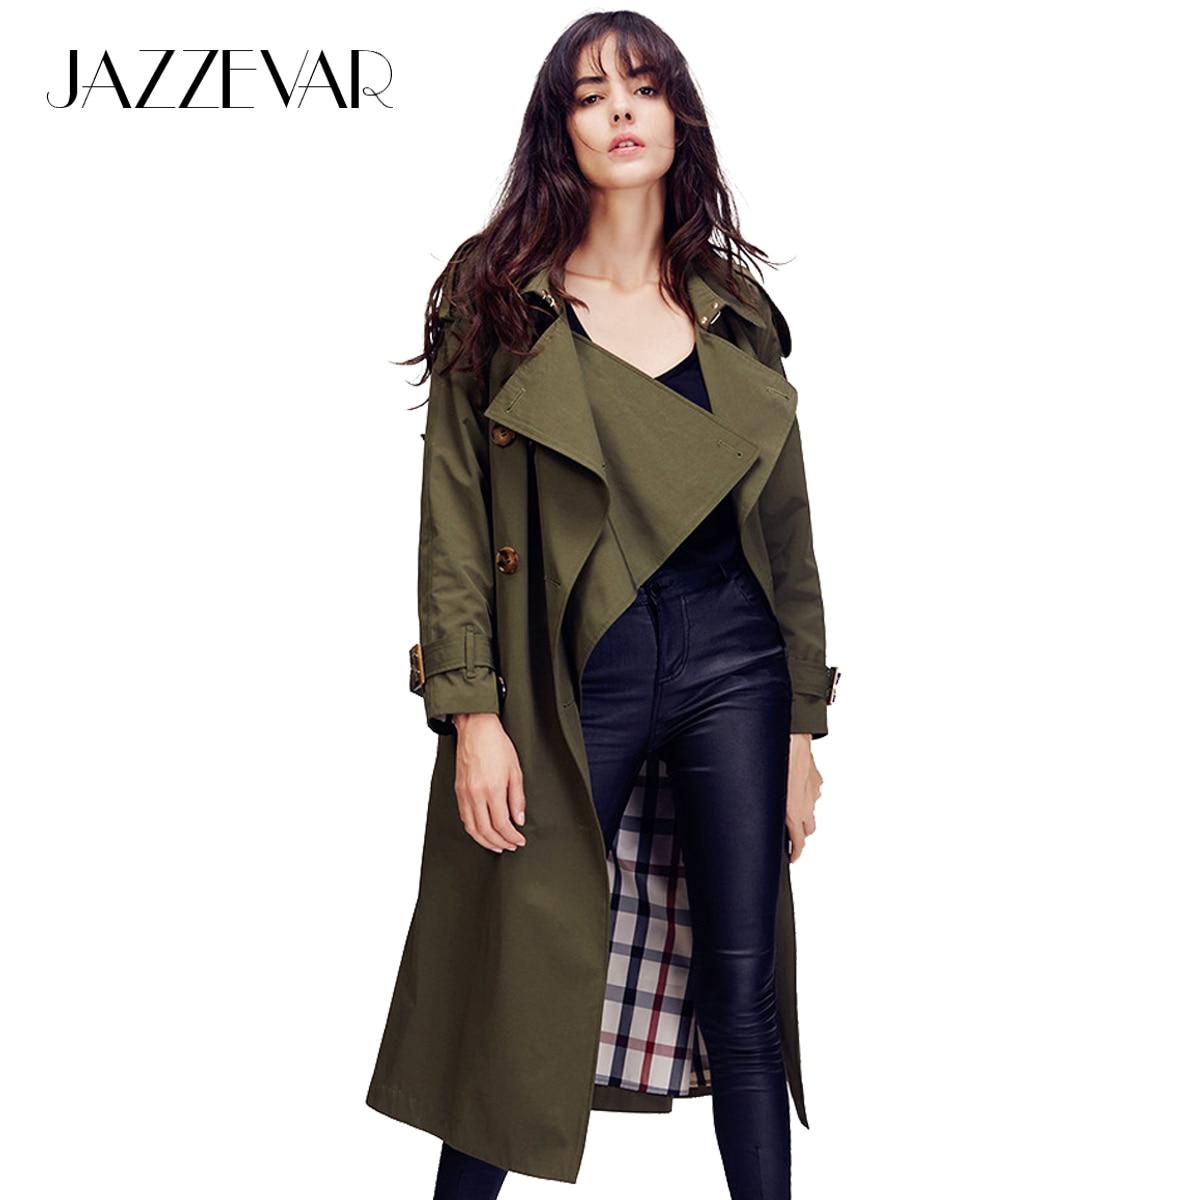 JAZZEVAR 2019 Herfst Nieuwe High Fashion Merk vrouwen Double Breasted trenchcoat Wasserfall Kraag uitloper Losse Kleding-in Loopgraaf van Dames Kleding op  Groep 1